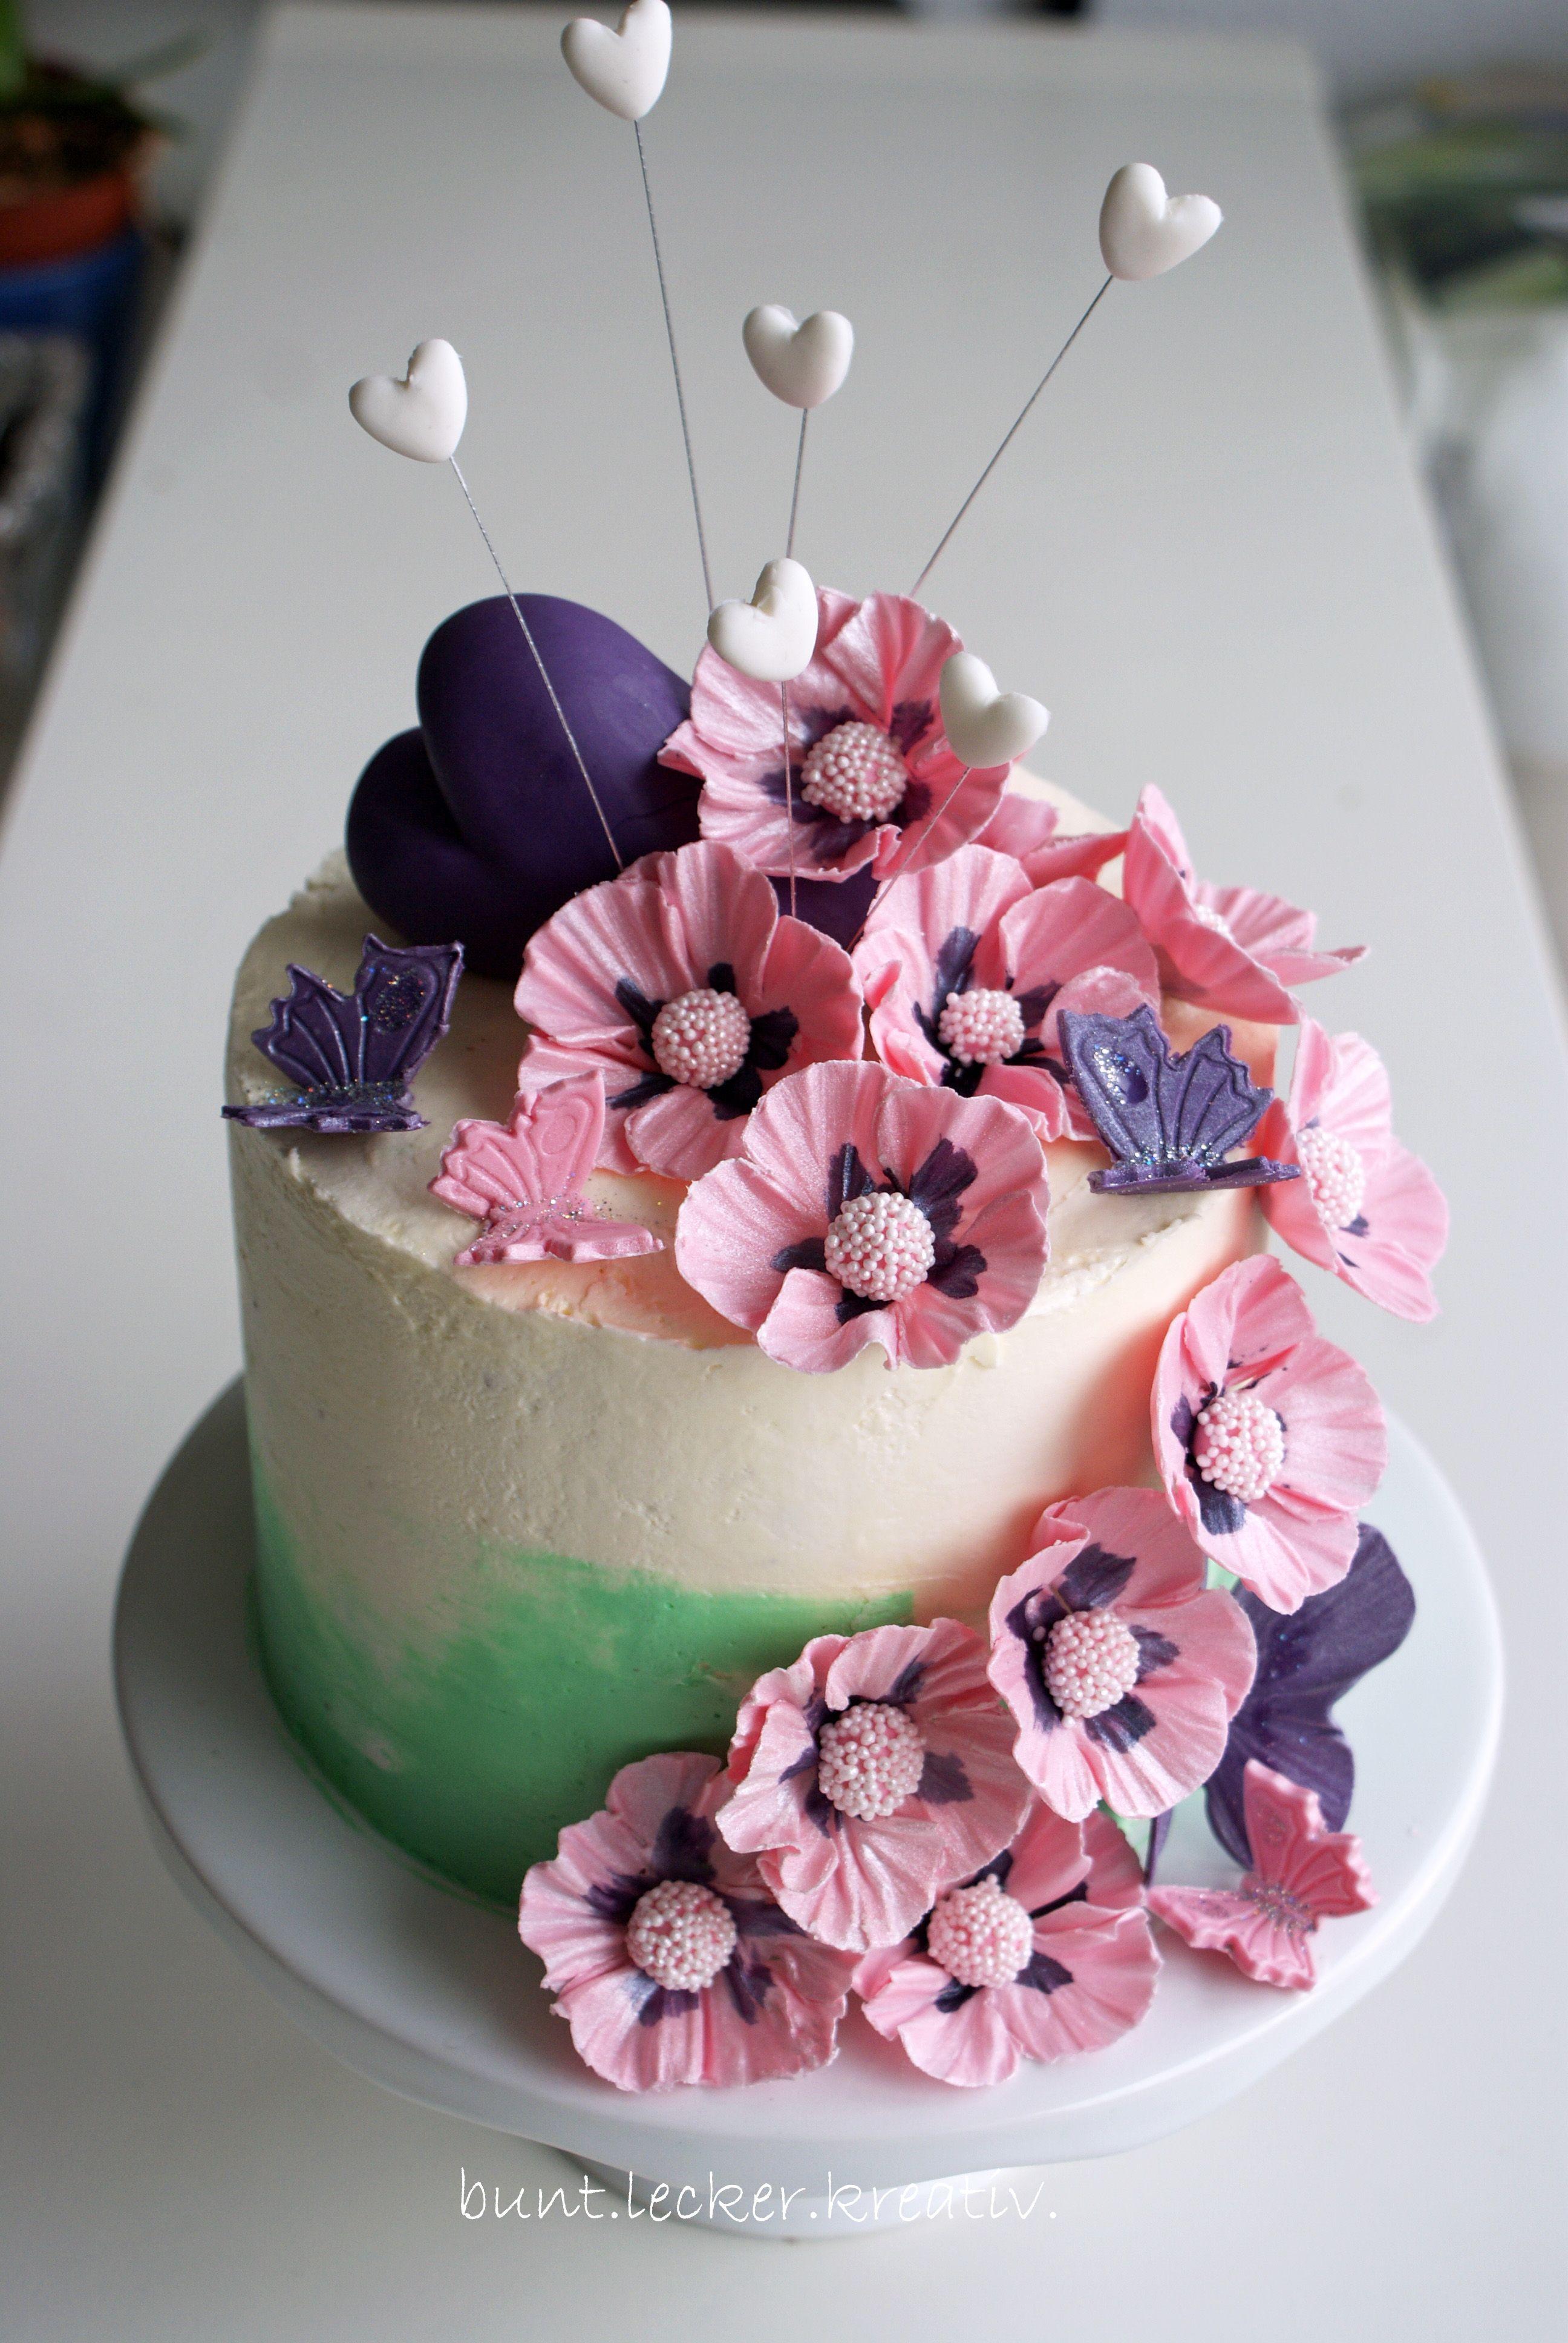 geburtstagstorte mit blumen und schmetterlingen birthday cake with flowers and butterflies. Black Bedroom Furniture Sets. Home Design Ideas